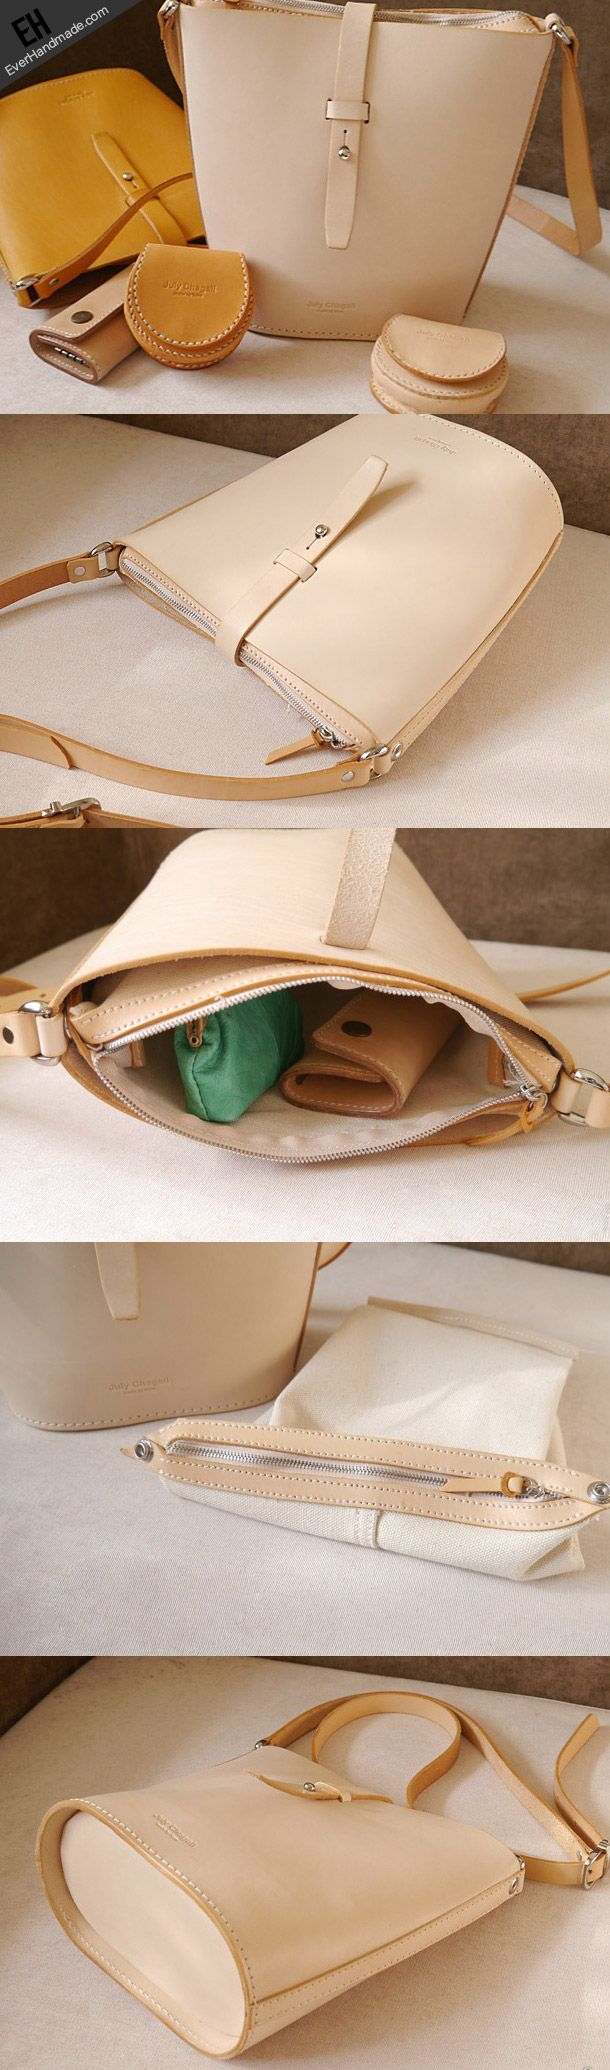 Handmade vintage busket rustic leather crossbody Shoulder Bag for girl women…